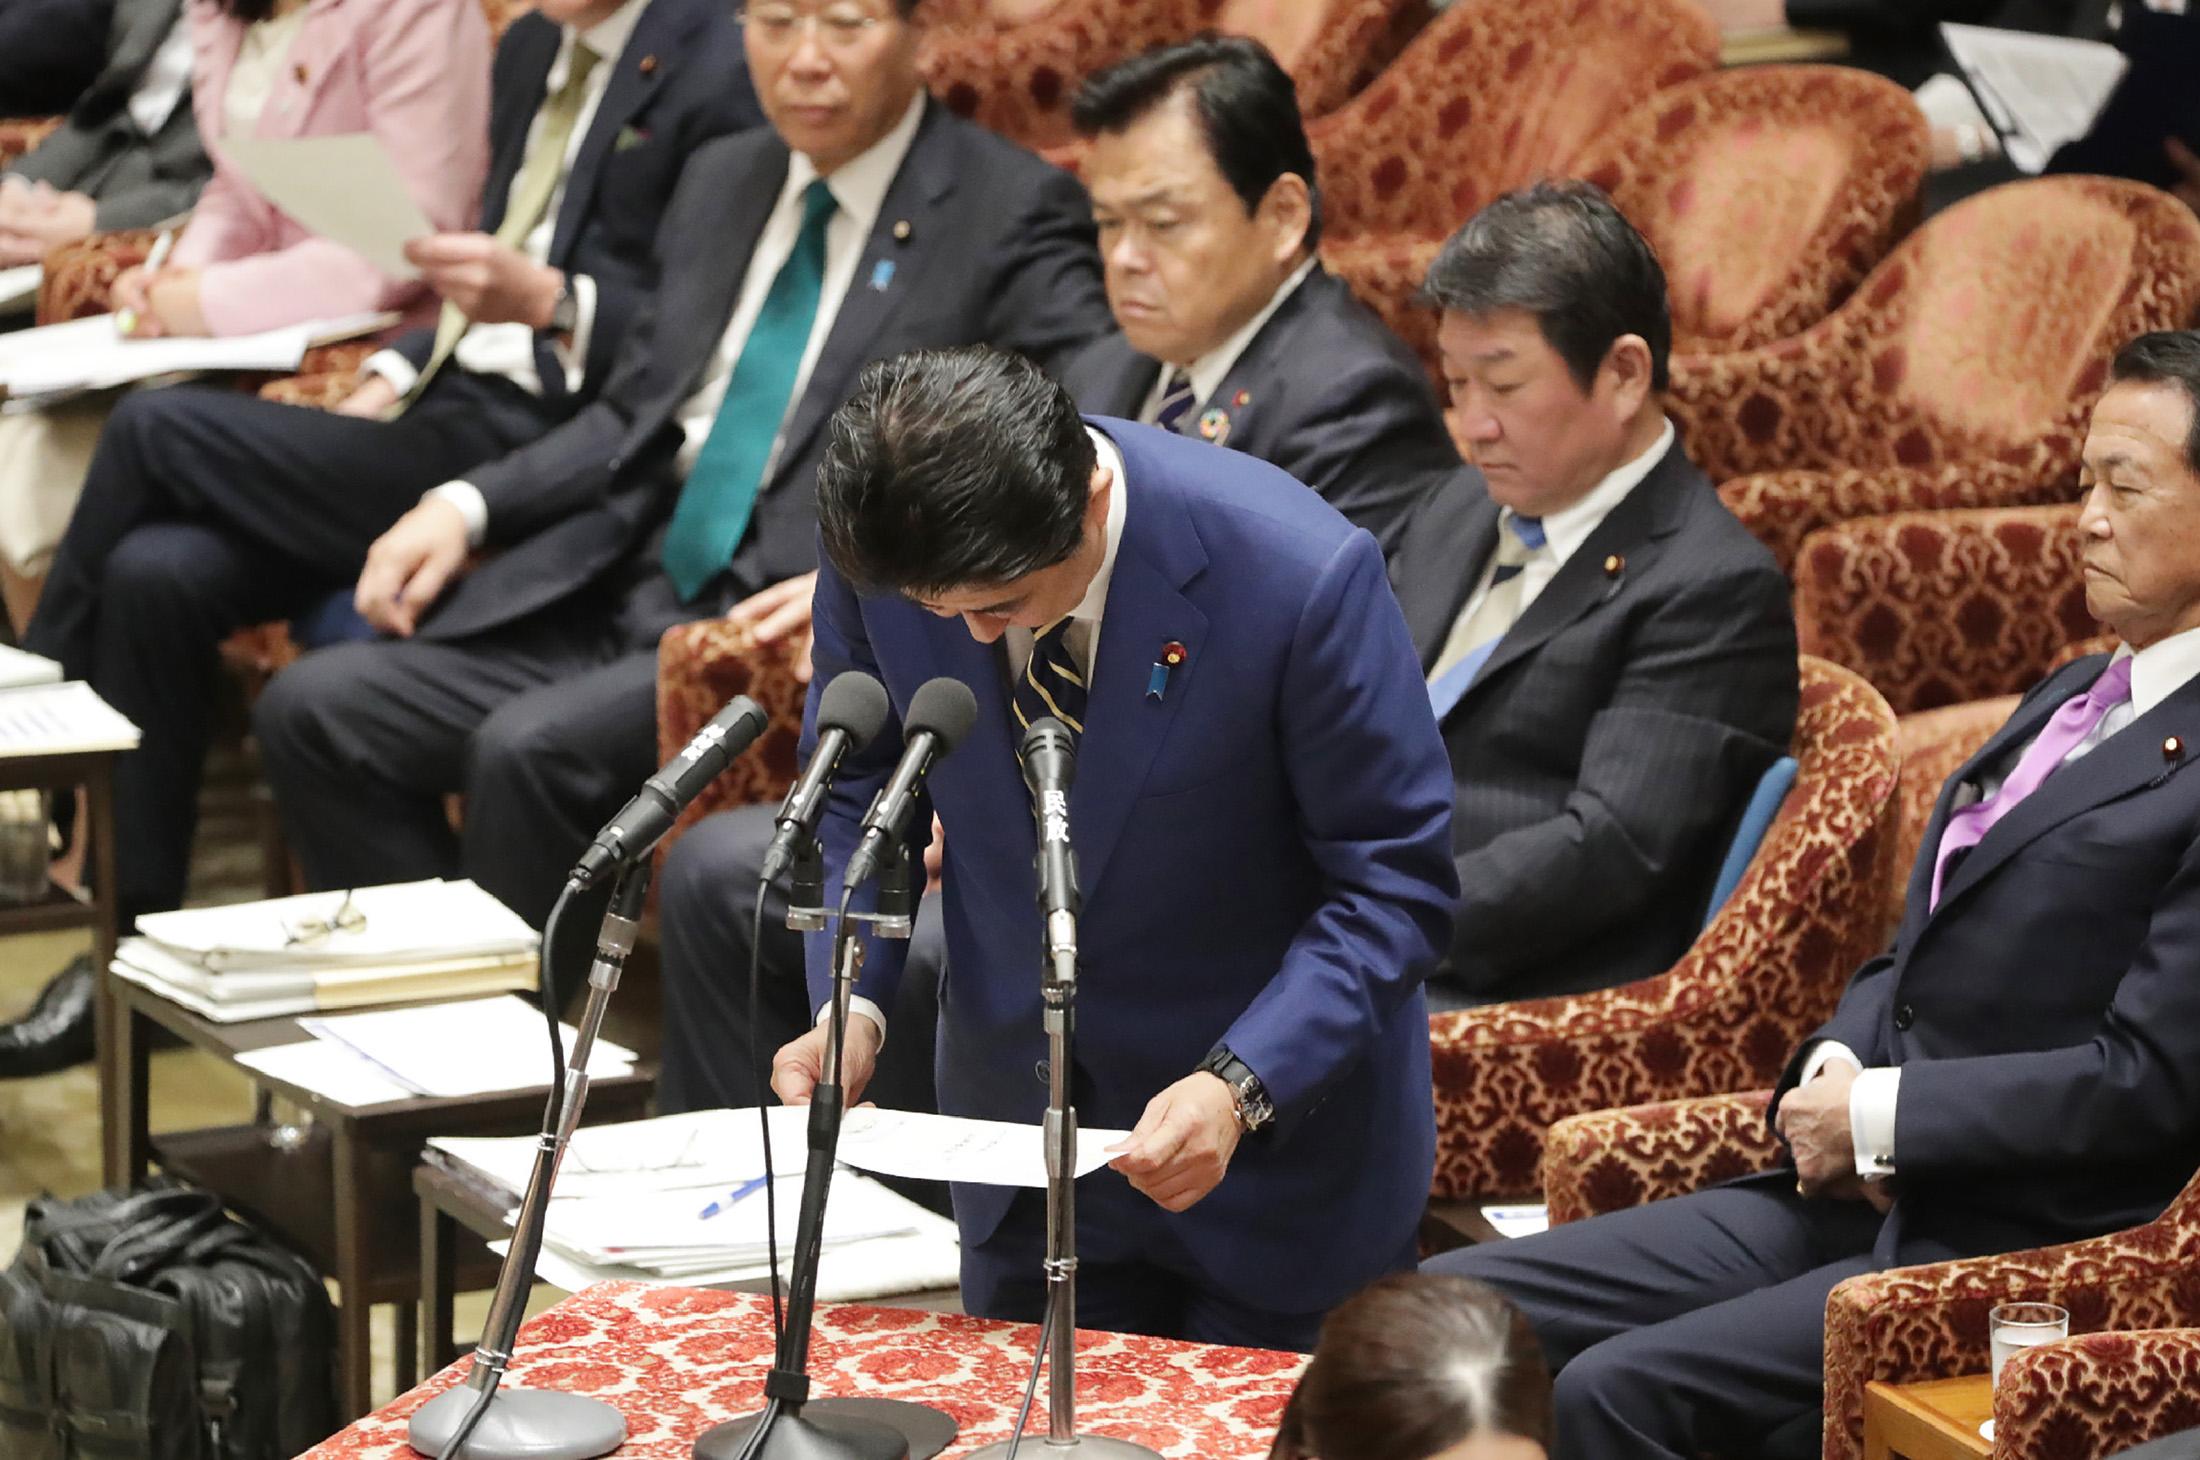 日本経済、新型肺炎で2期連続マイナス成長も-万全期すと安倍首相 - Bloomberg